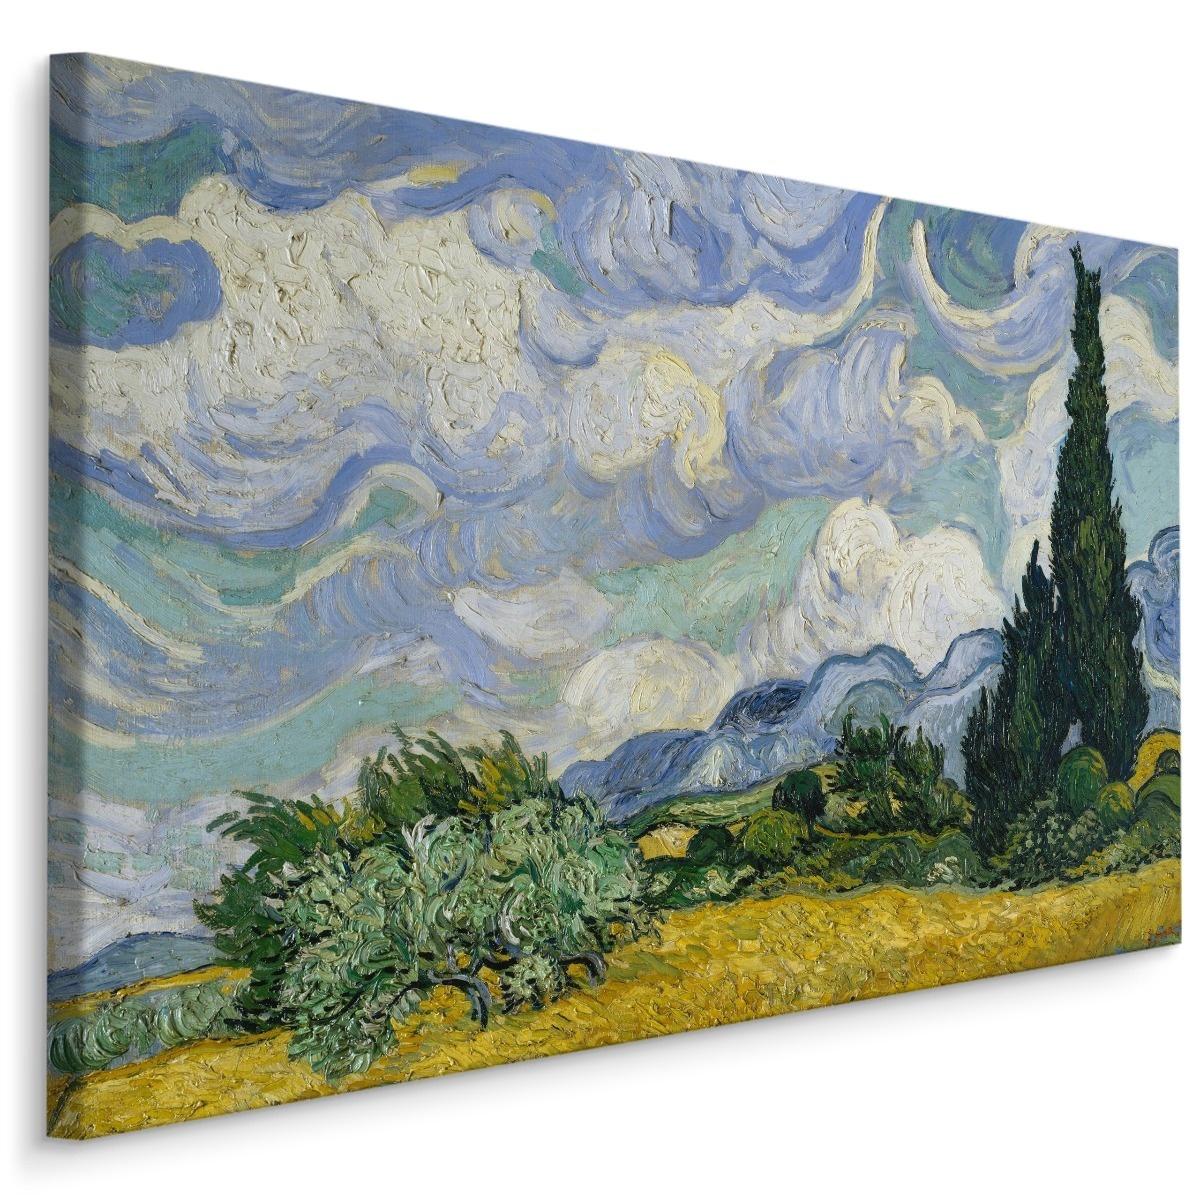 Schilderij - Vincent Van Gogh Korenveld met Cipressen, blauw/groen, 4 maten, reproductie